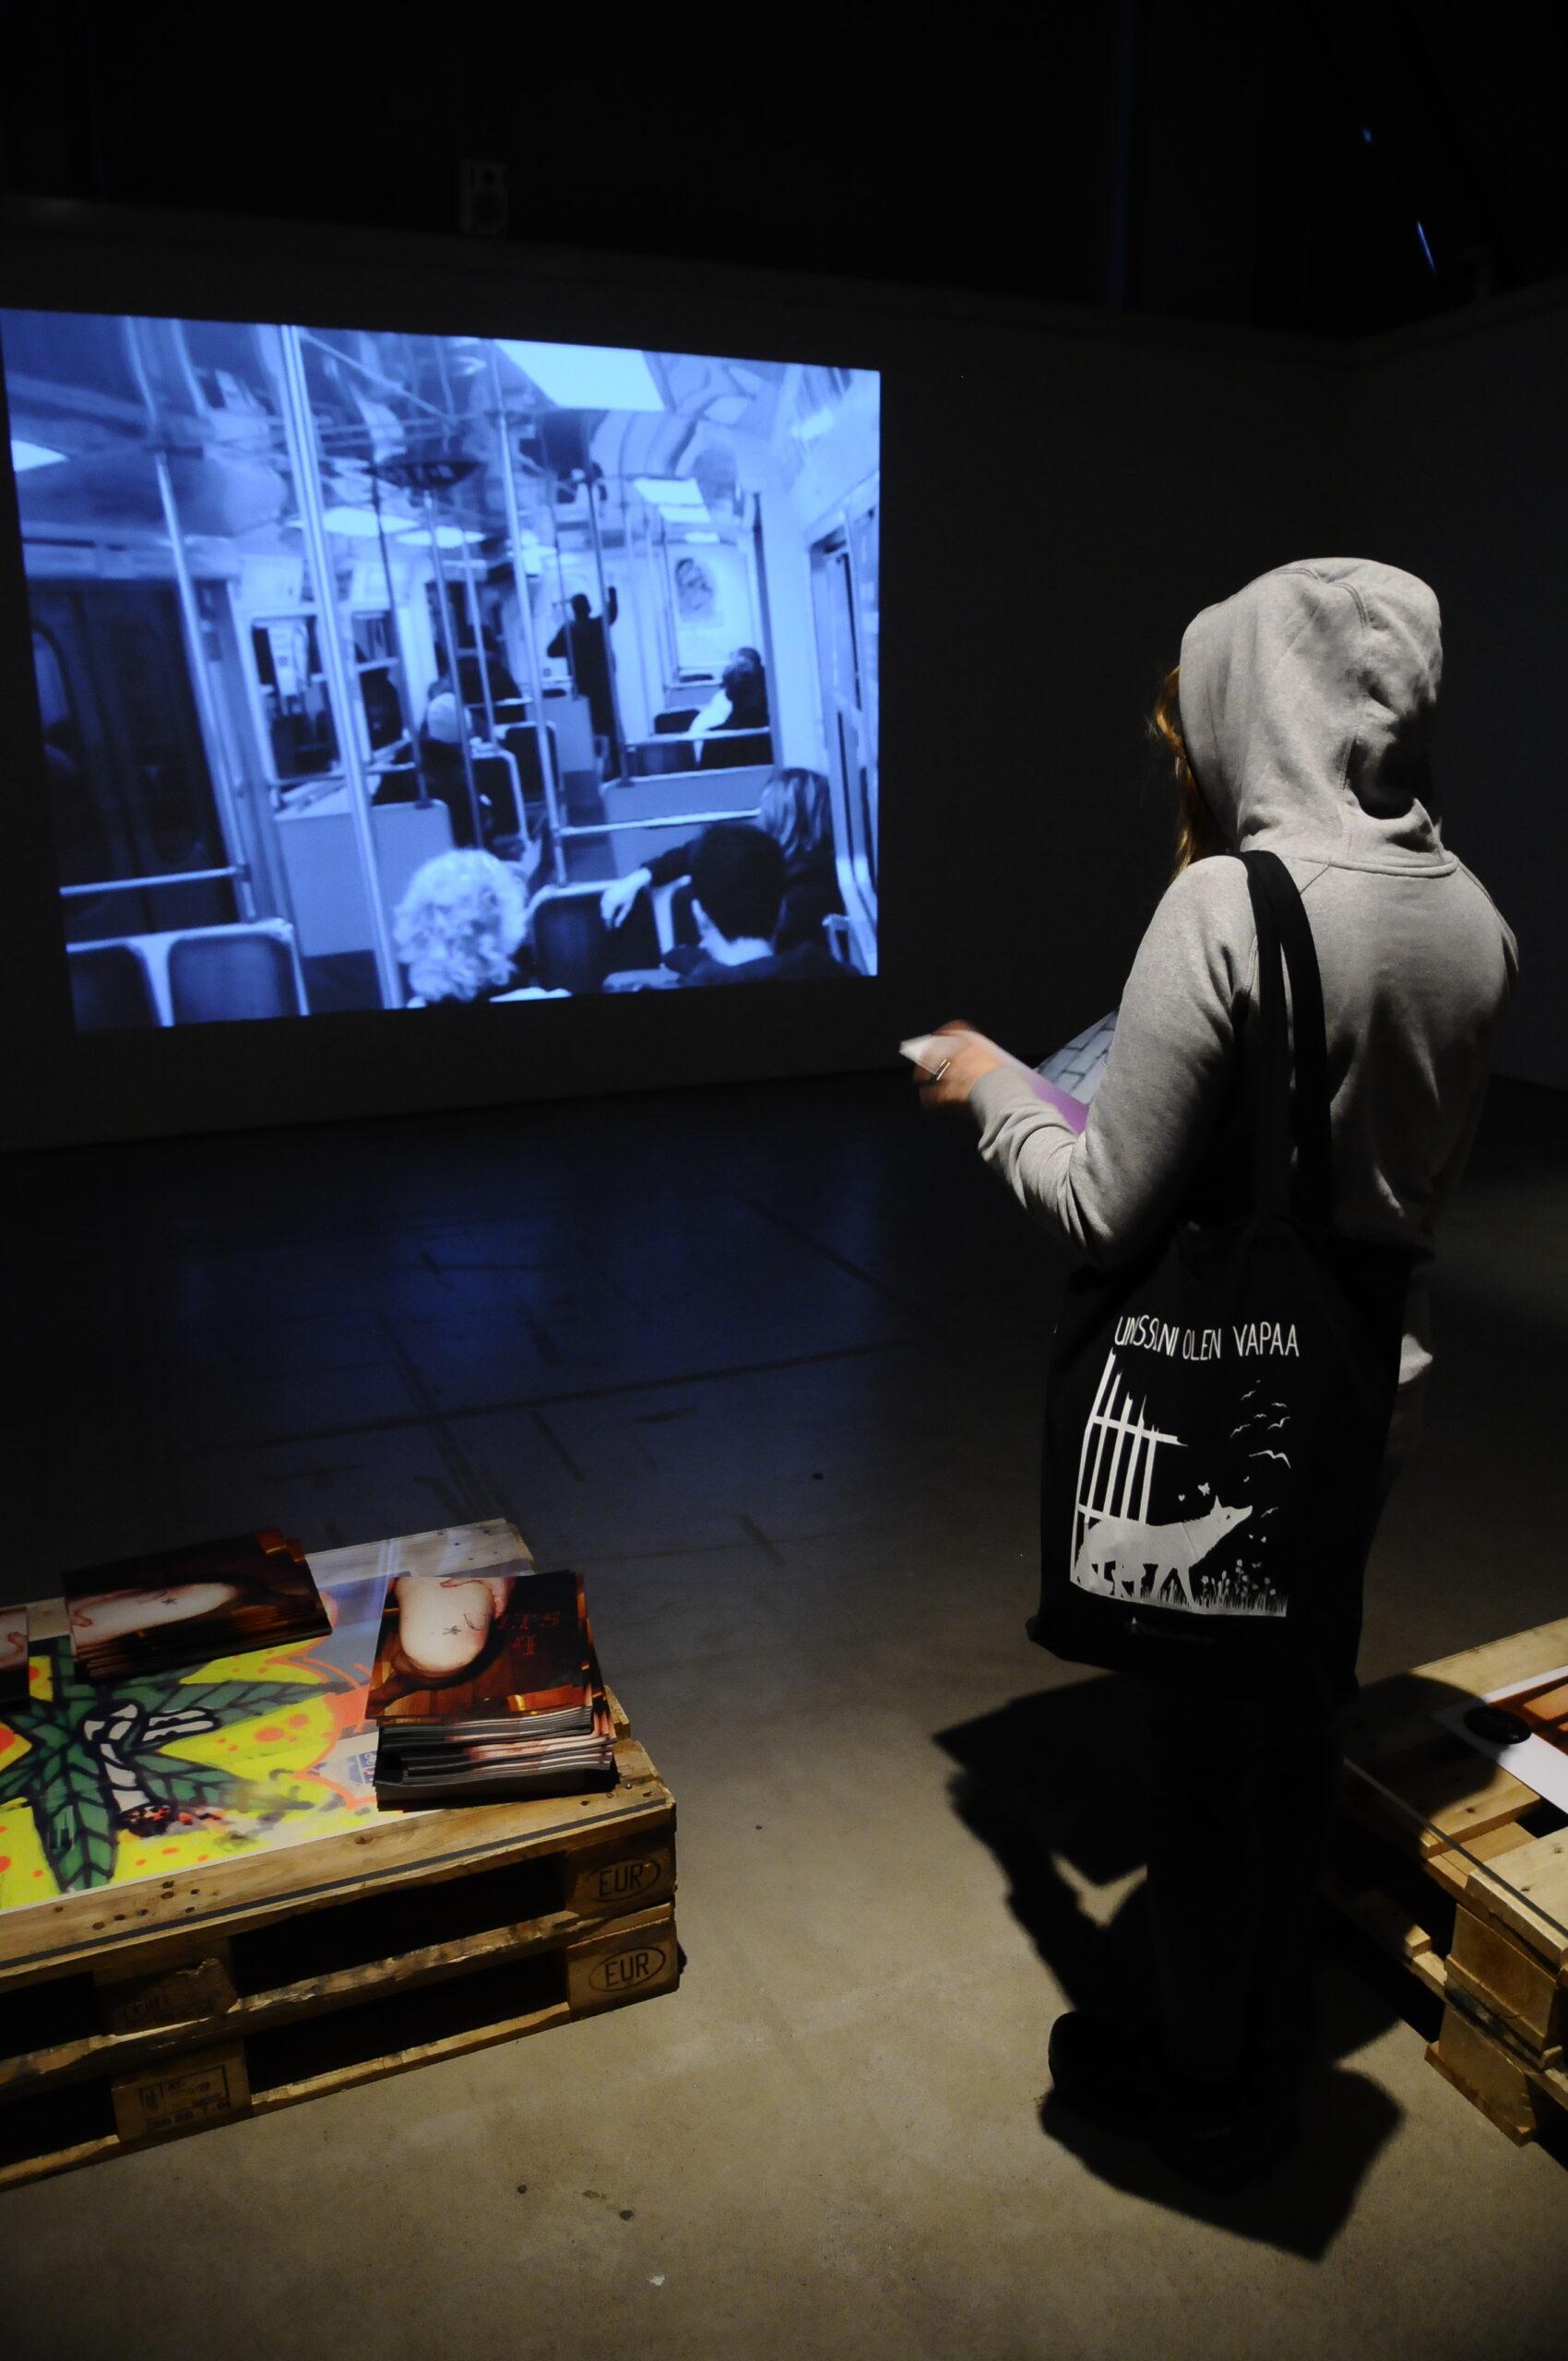 Katutaiteilija Nora Helsinki tutustui Graffiti-näyttelyn avajaisissa NUGin Territorial Pissing -videoon.